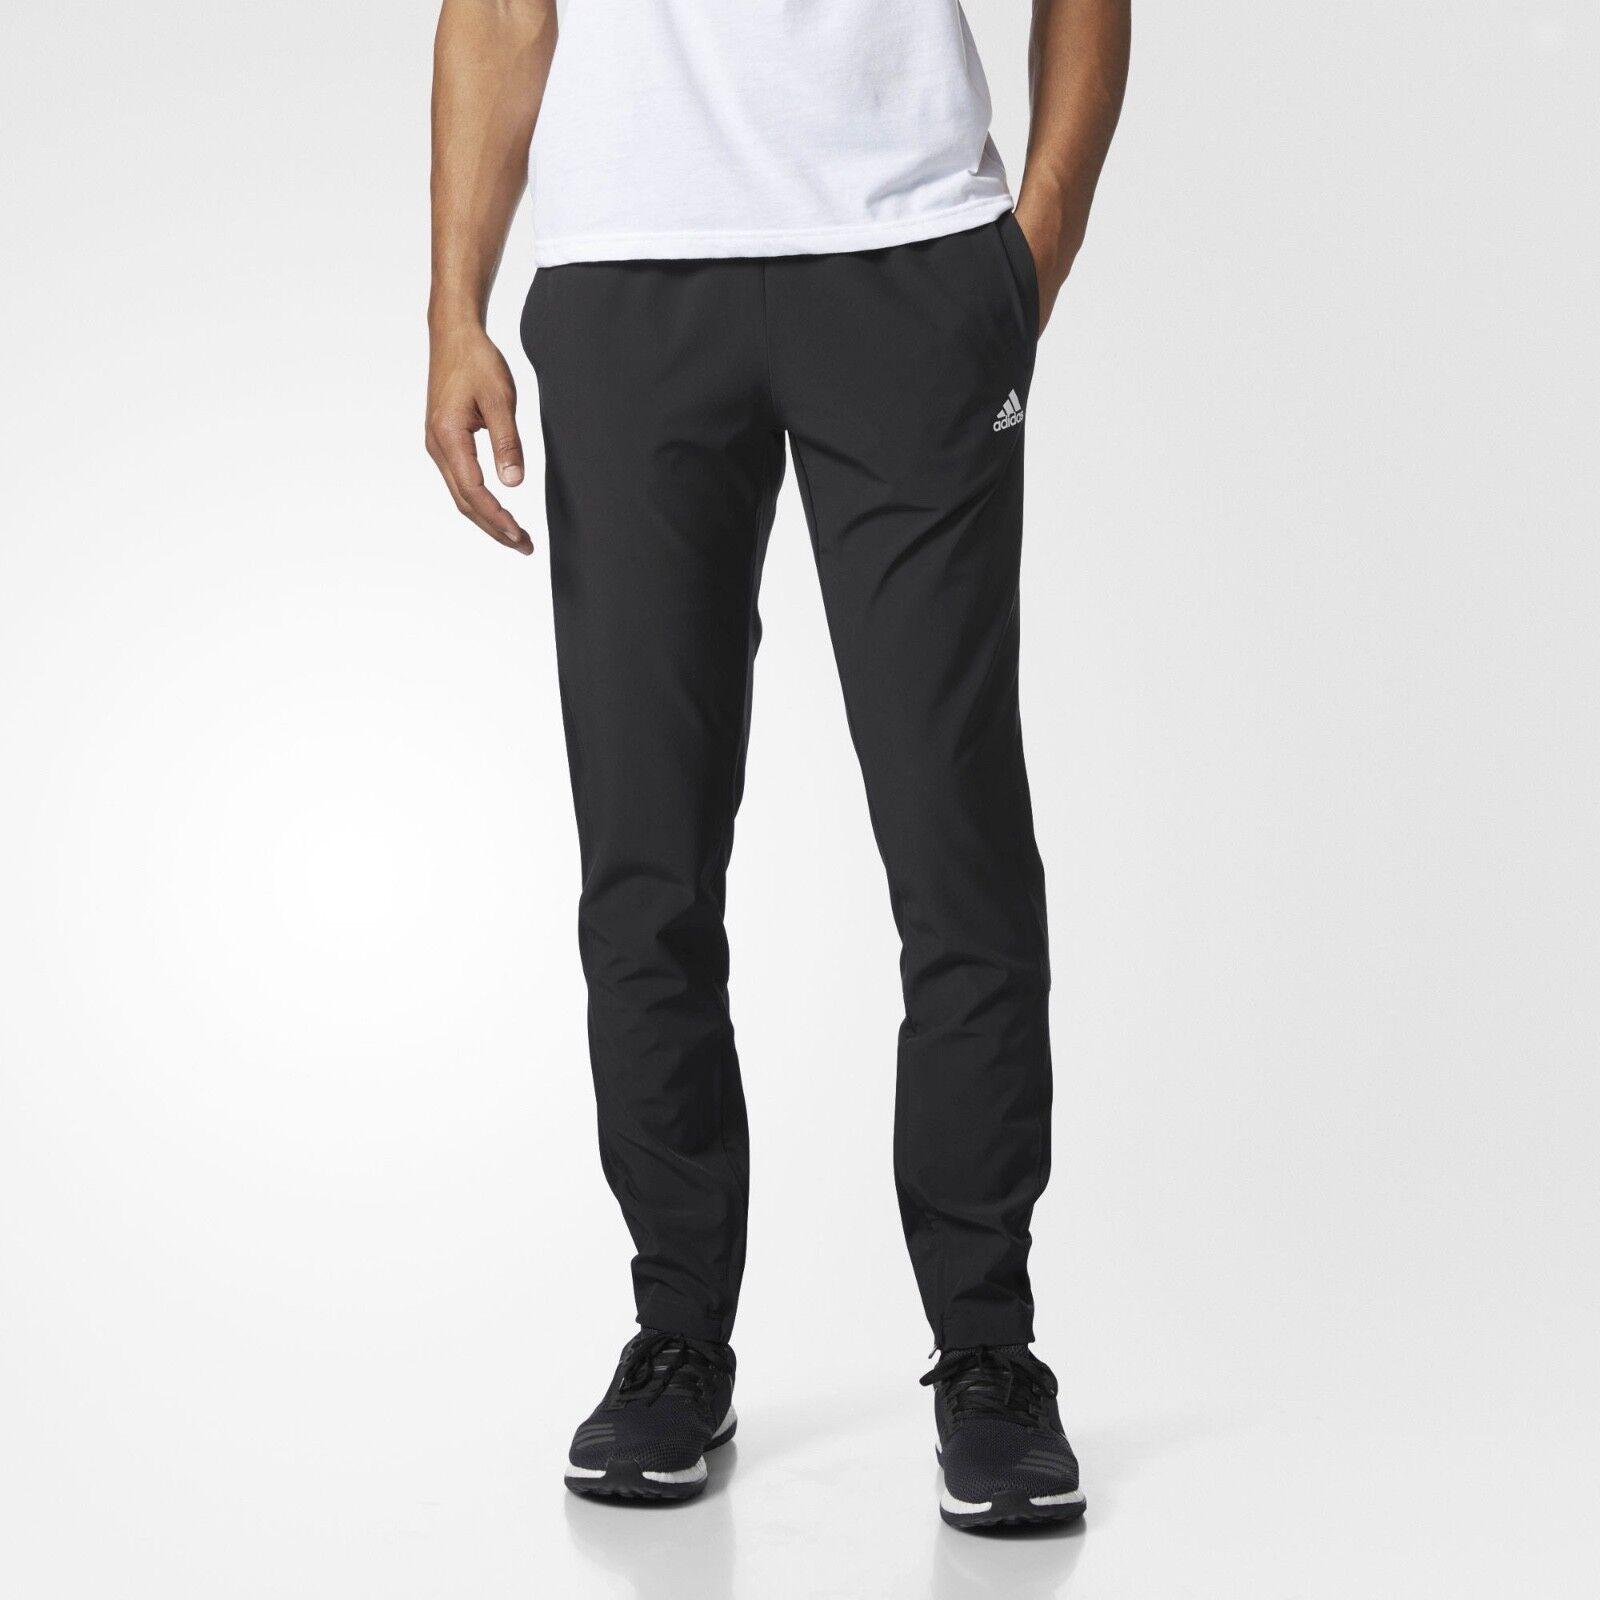 NOUVEAU Pantalon léger Adidas Essentials pour hommes Couleur: Noir Taille: Moyen